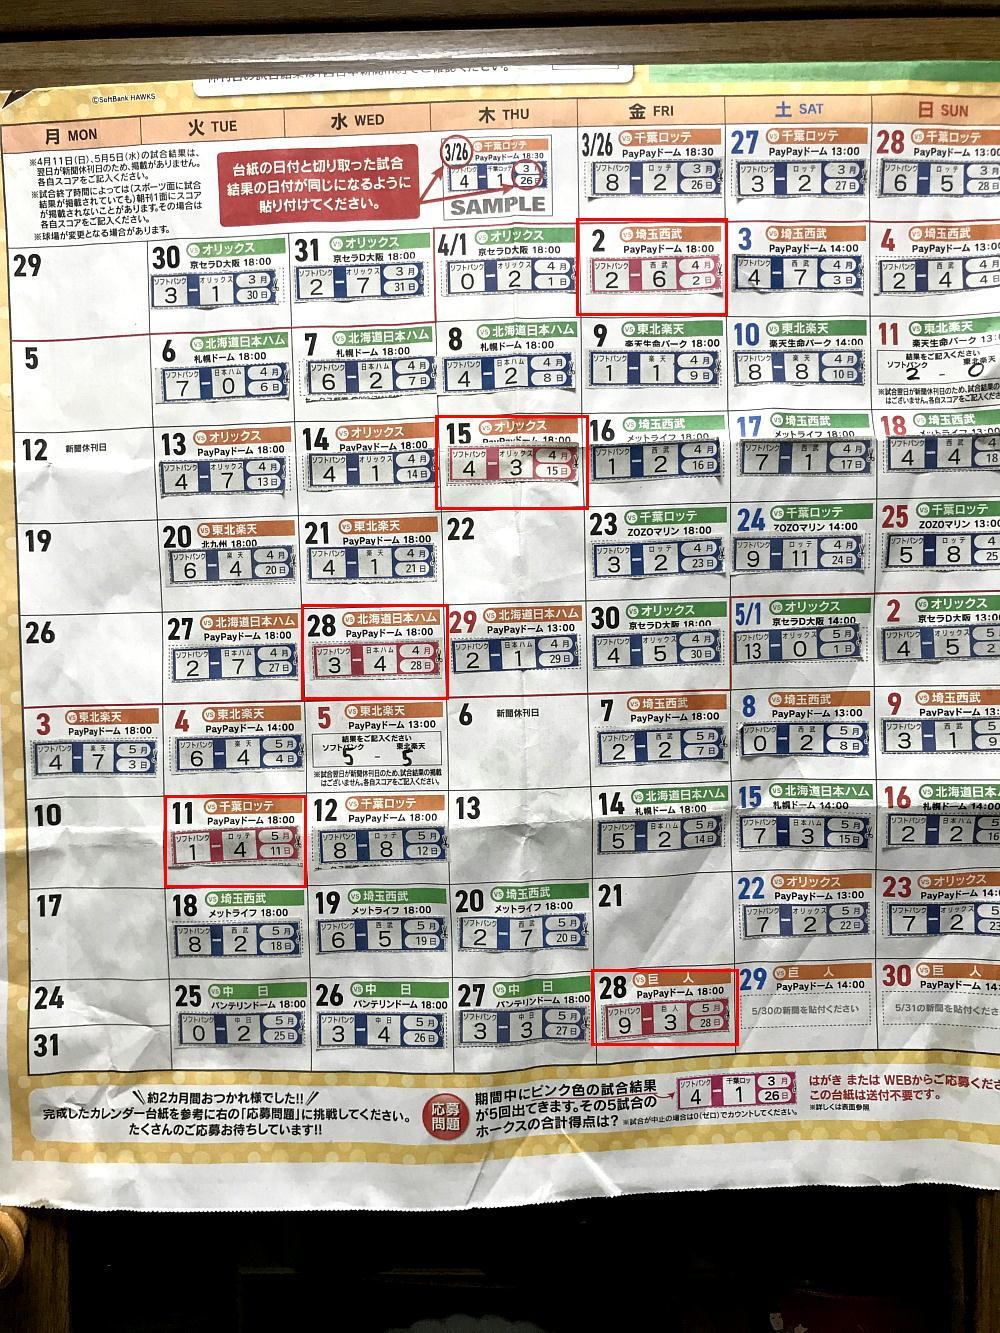 ホークス勝敗カレンダー